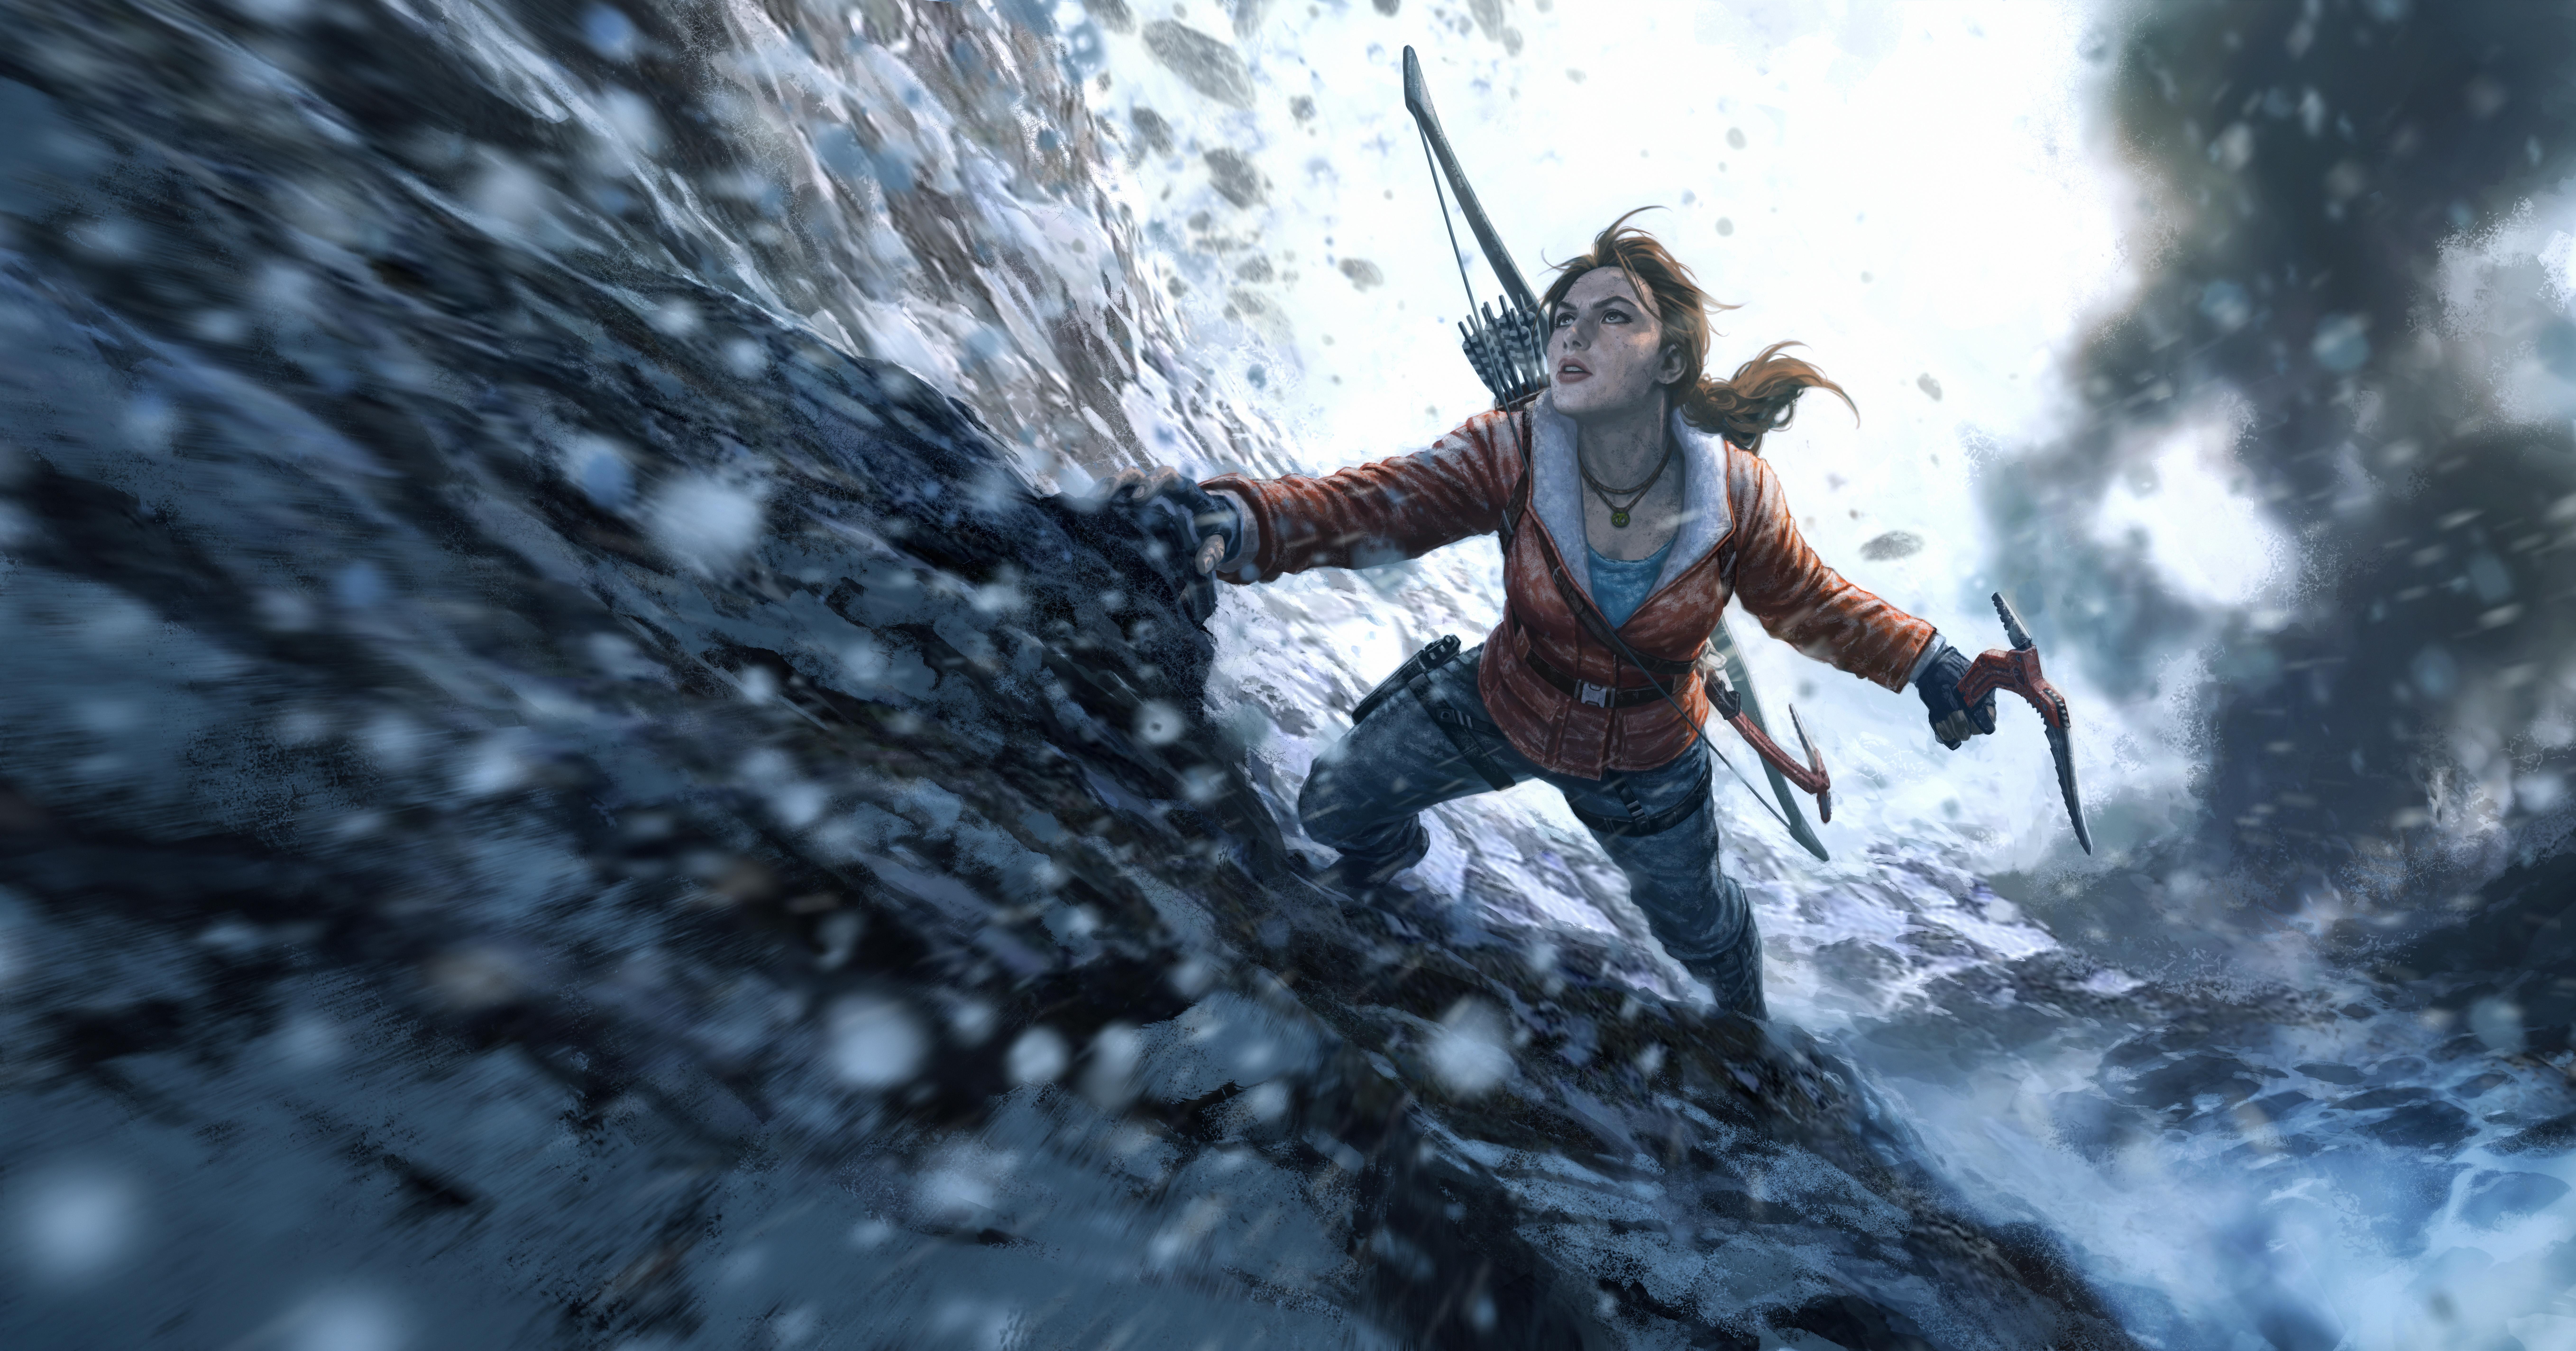 Artistic Lara Croft Woman 10866x5700